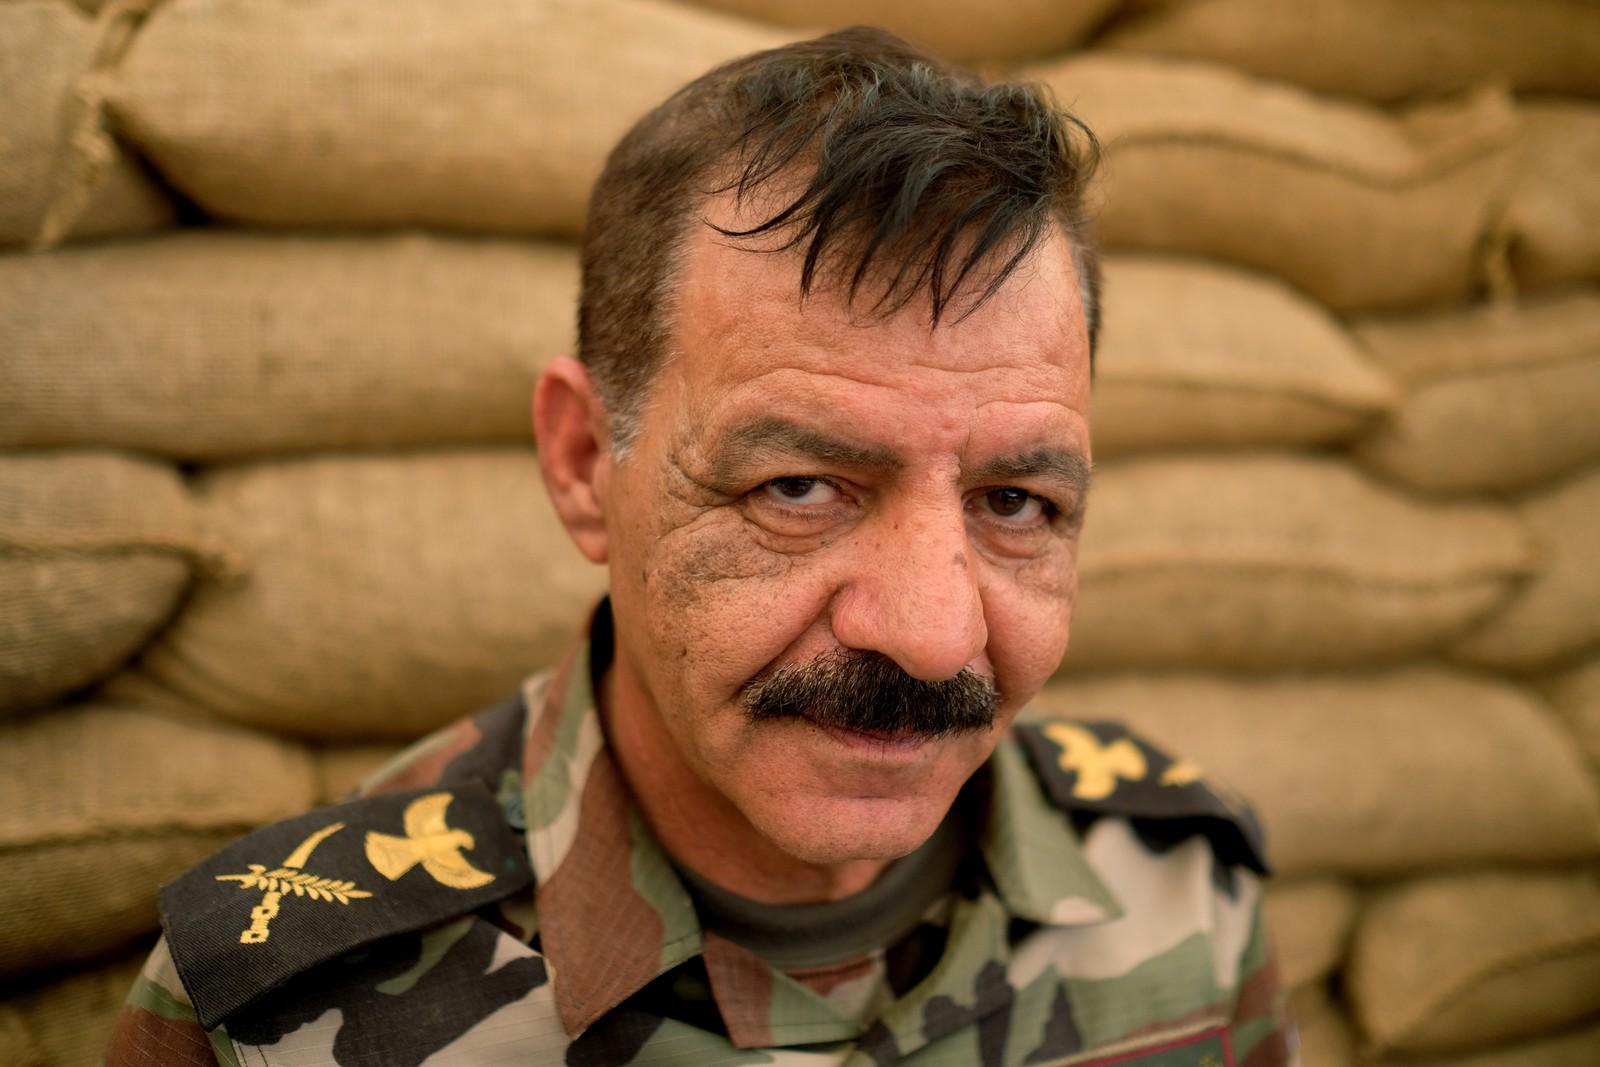 Han er sliten, skuffet og resignert. Han og kurderne føler seg sviktet av det internasjonale samfunnet. – For kort siden kjempet vi sammen, Irak, Iran, USA, Storbritannia og resten av Europa. I det vi var ferdig med IS, glemte de oss.